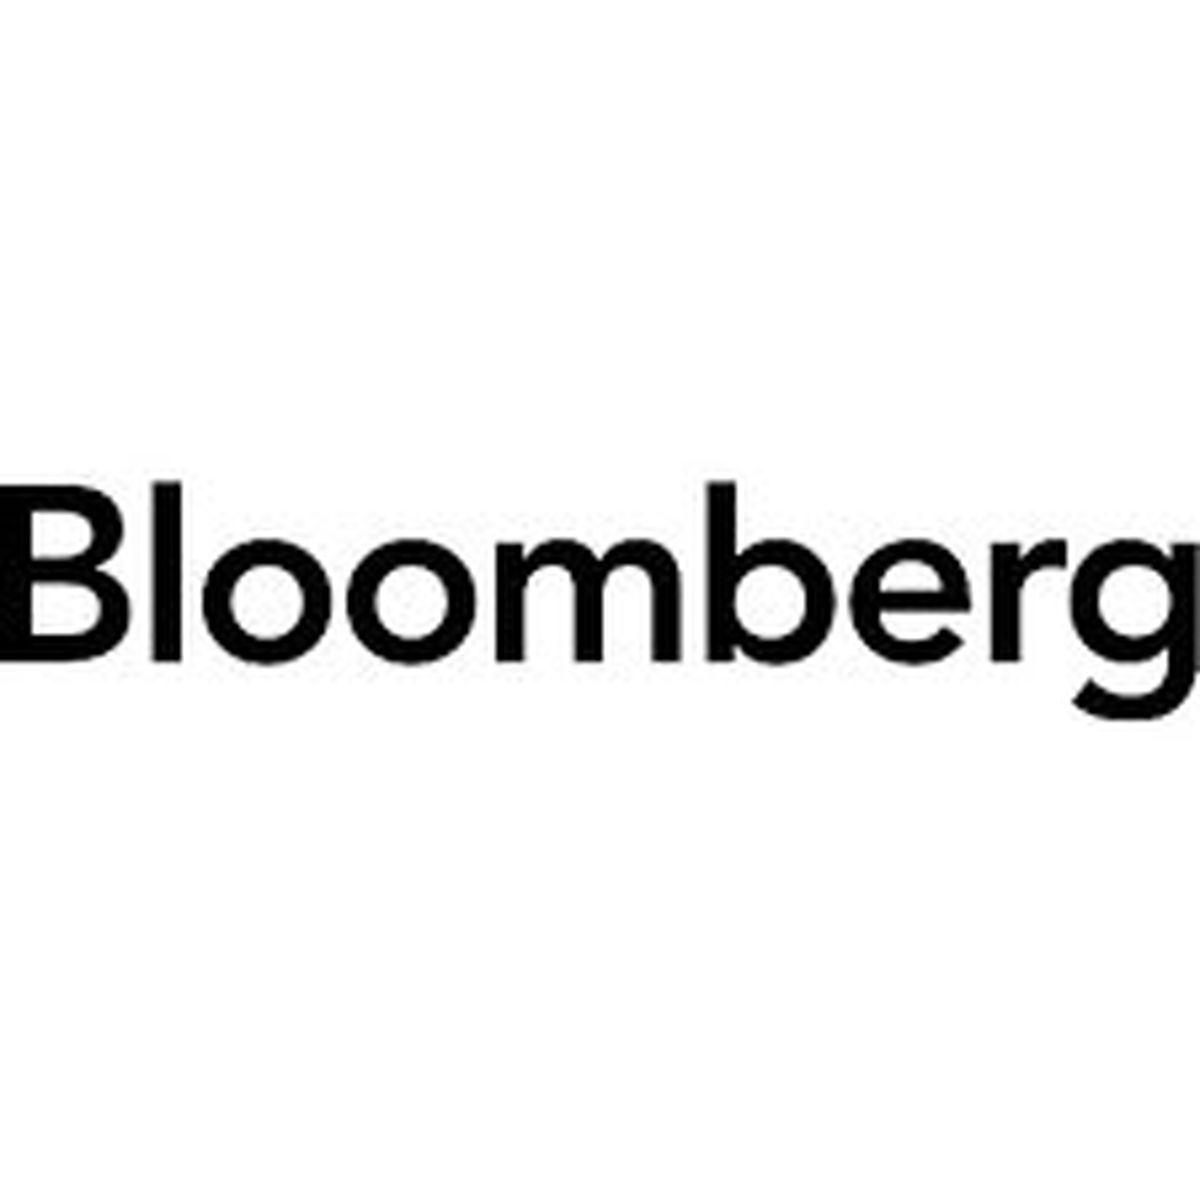 بلومبرگ: کالاهای ساخت ایران رونق گرفتهاند